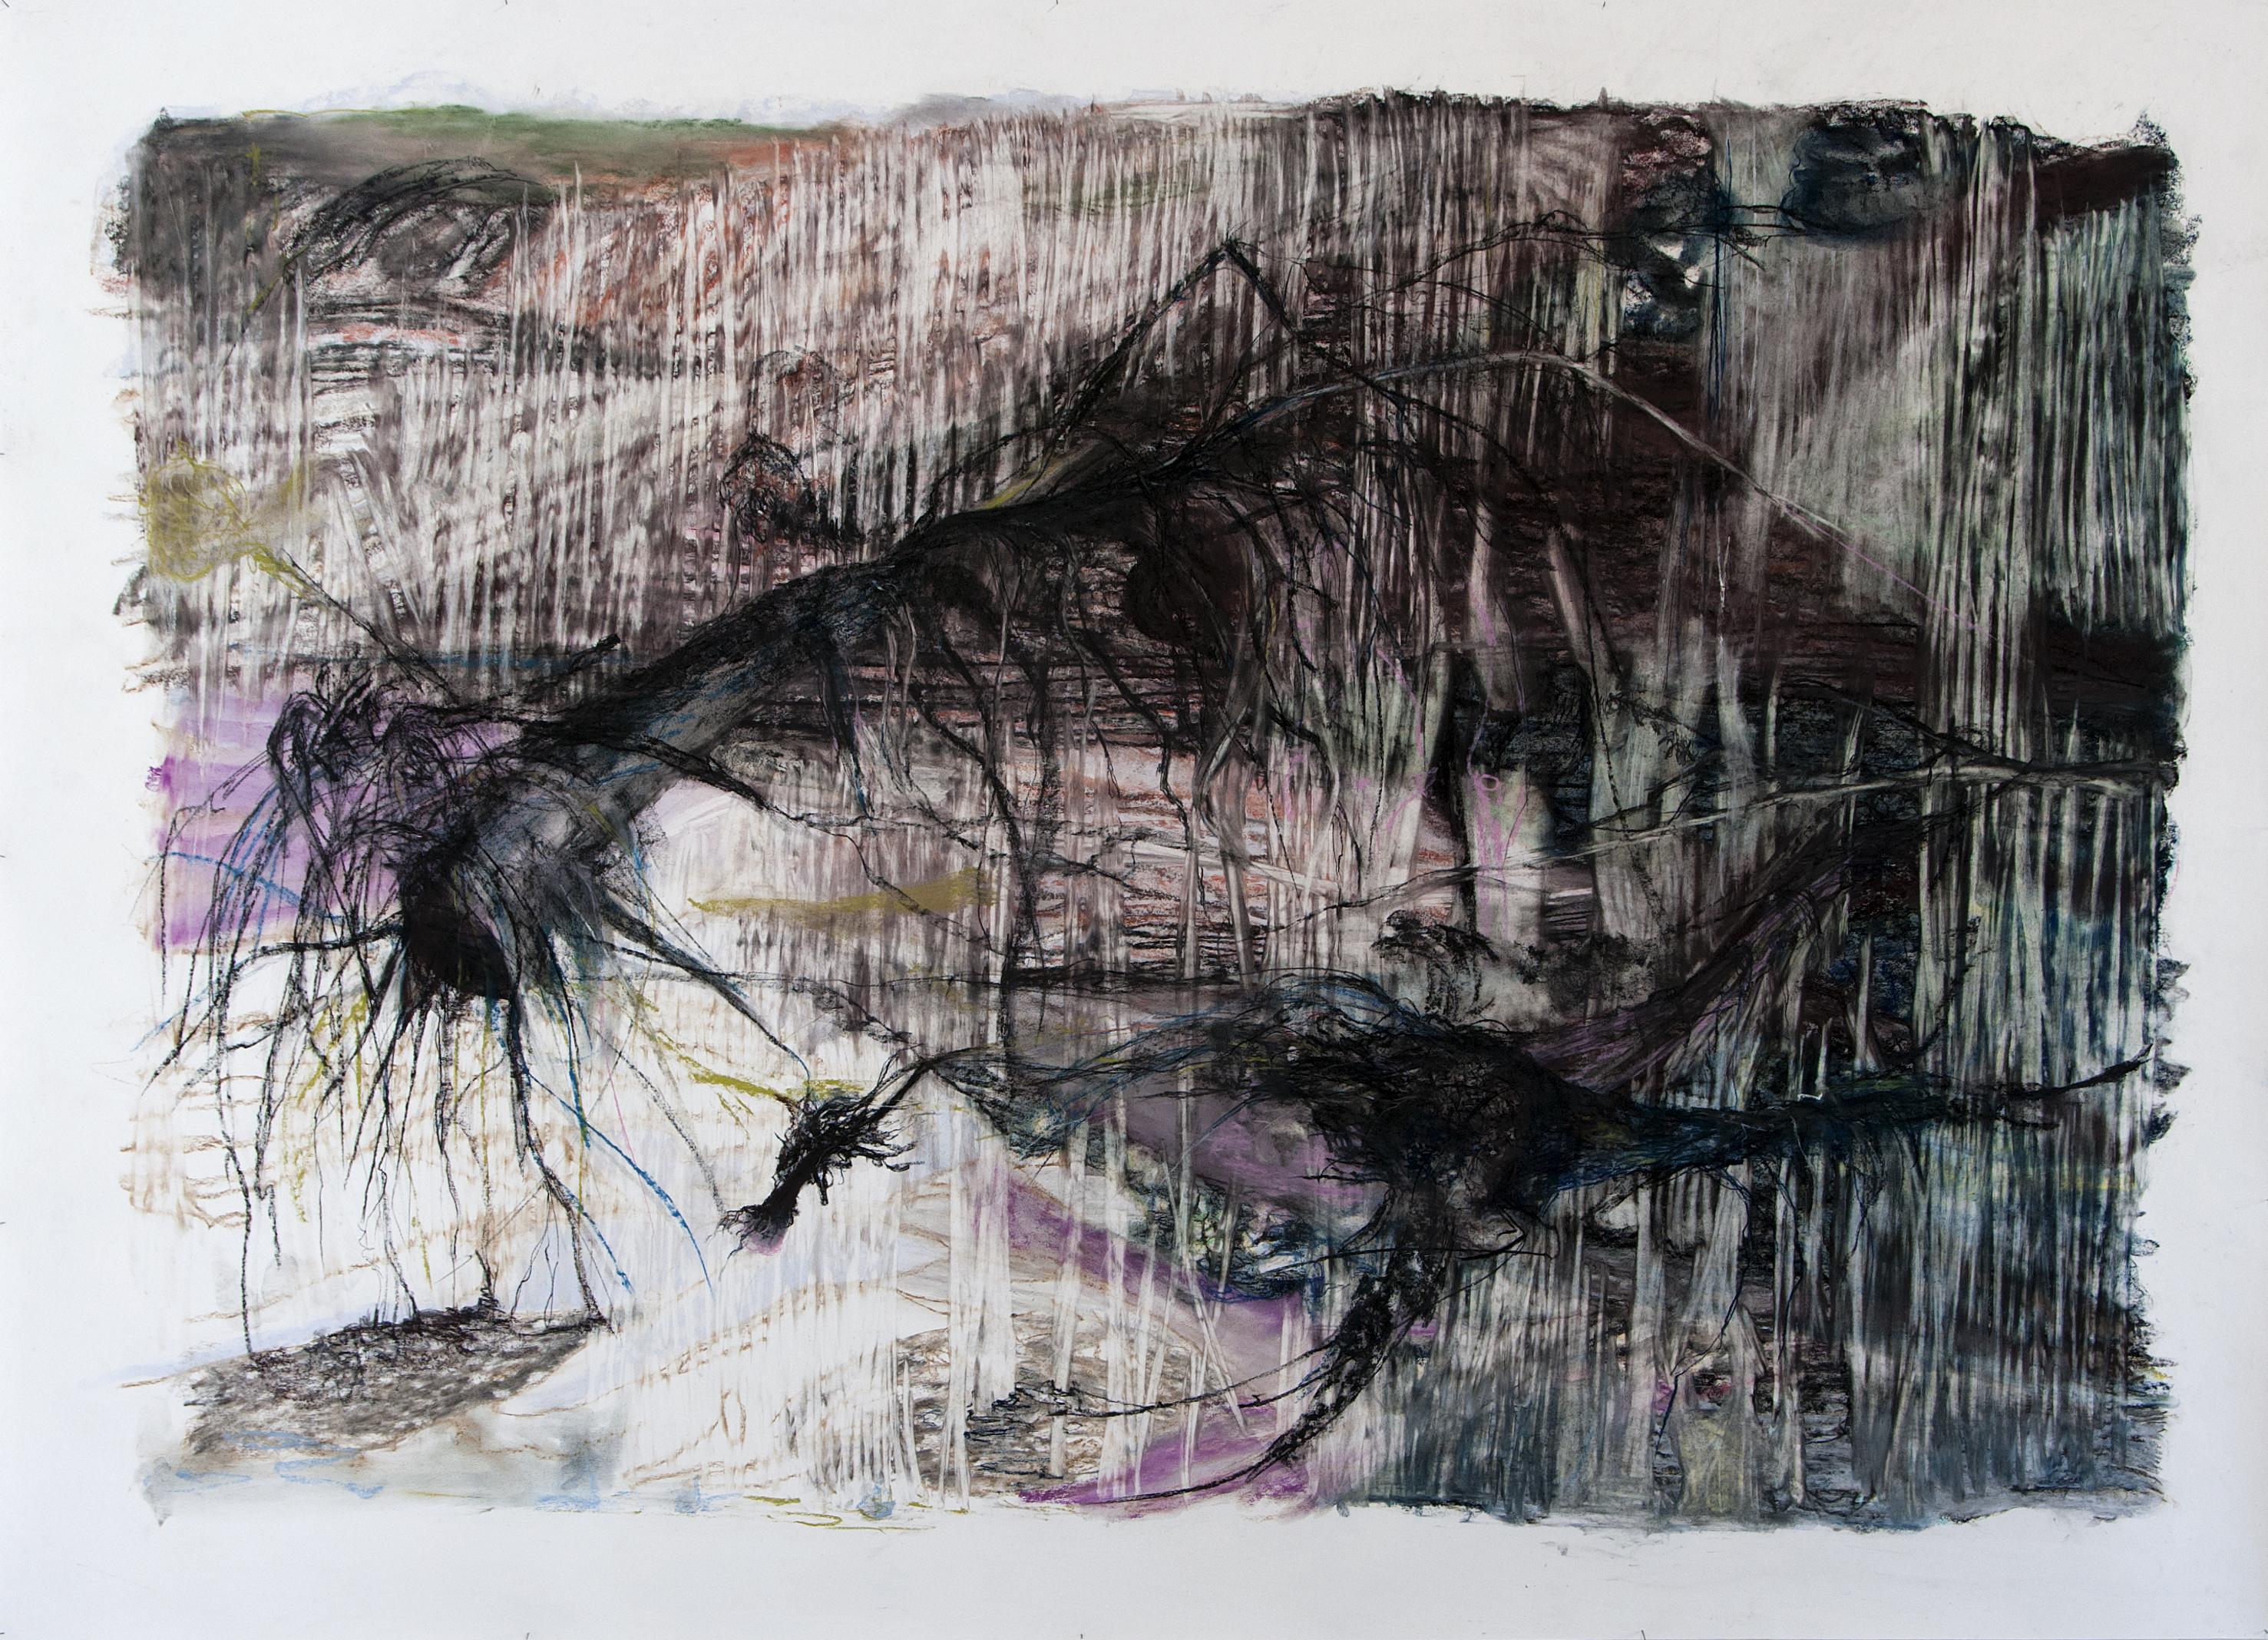 Kunstenaarsgesprek met Emmy Bergsma en bezoek Ecokathedraal op 14 december